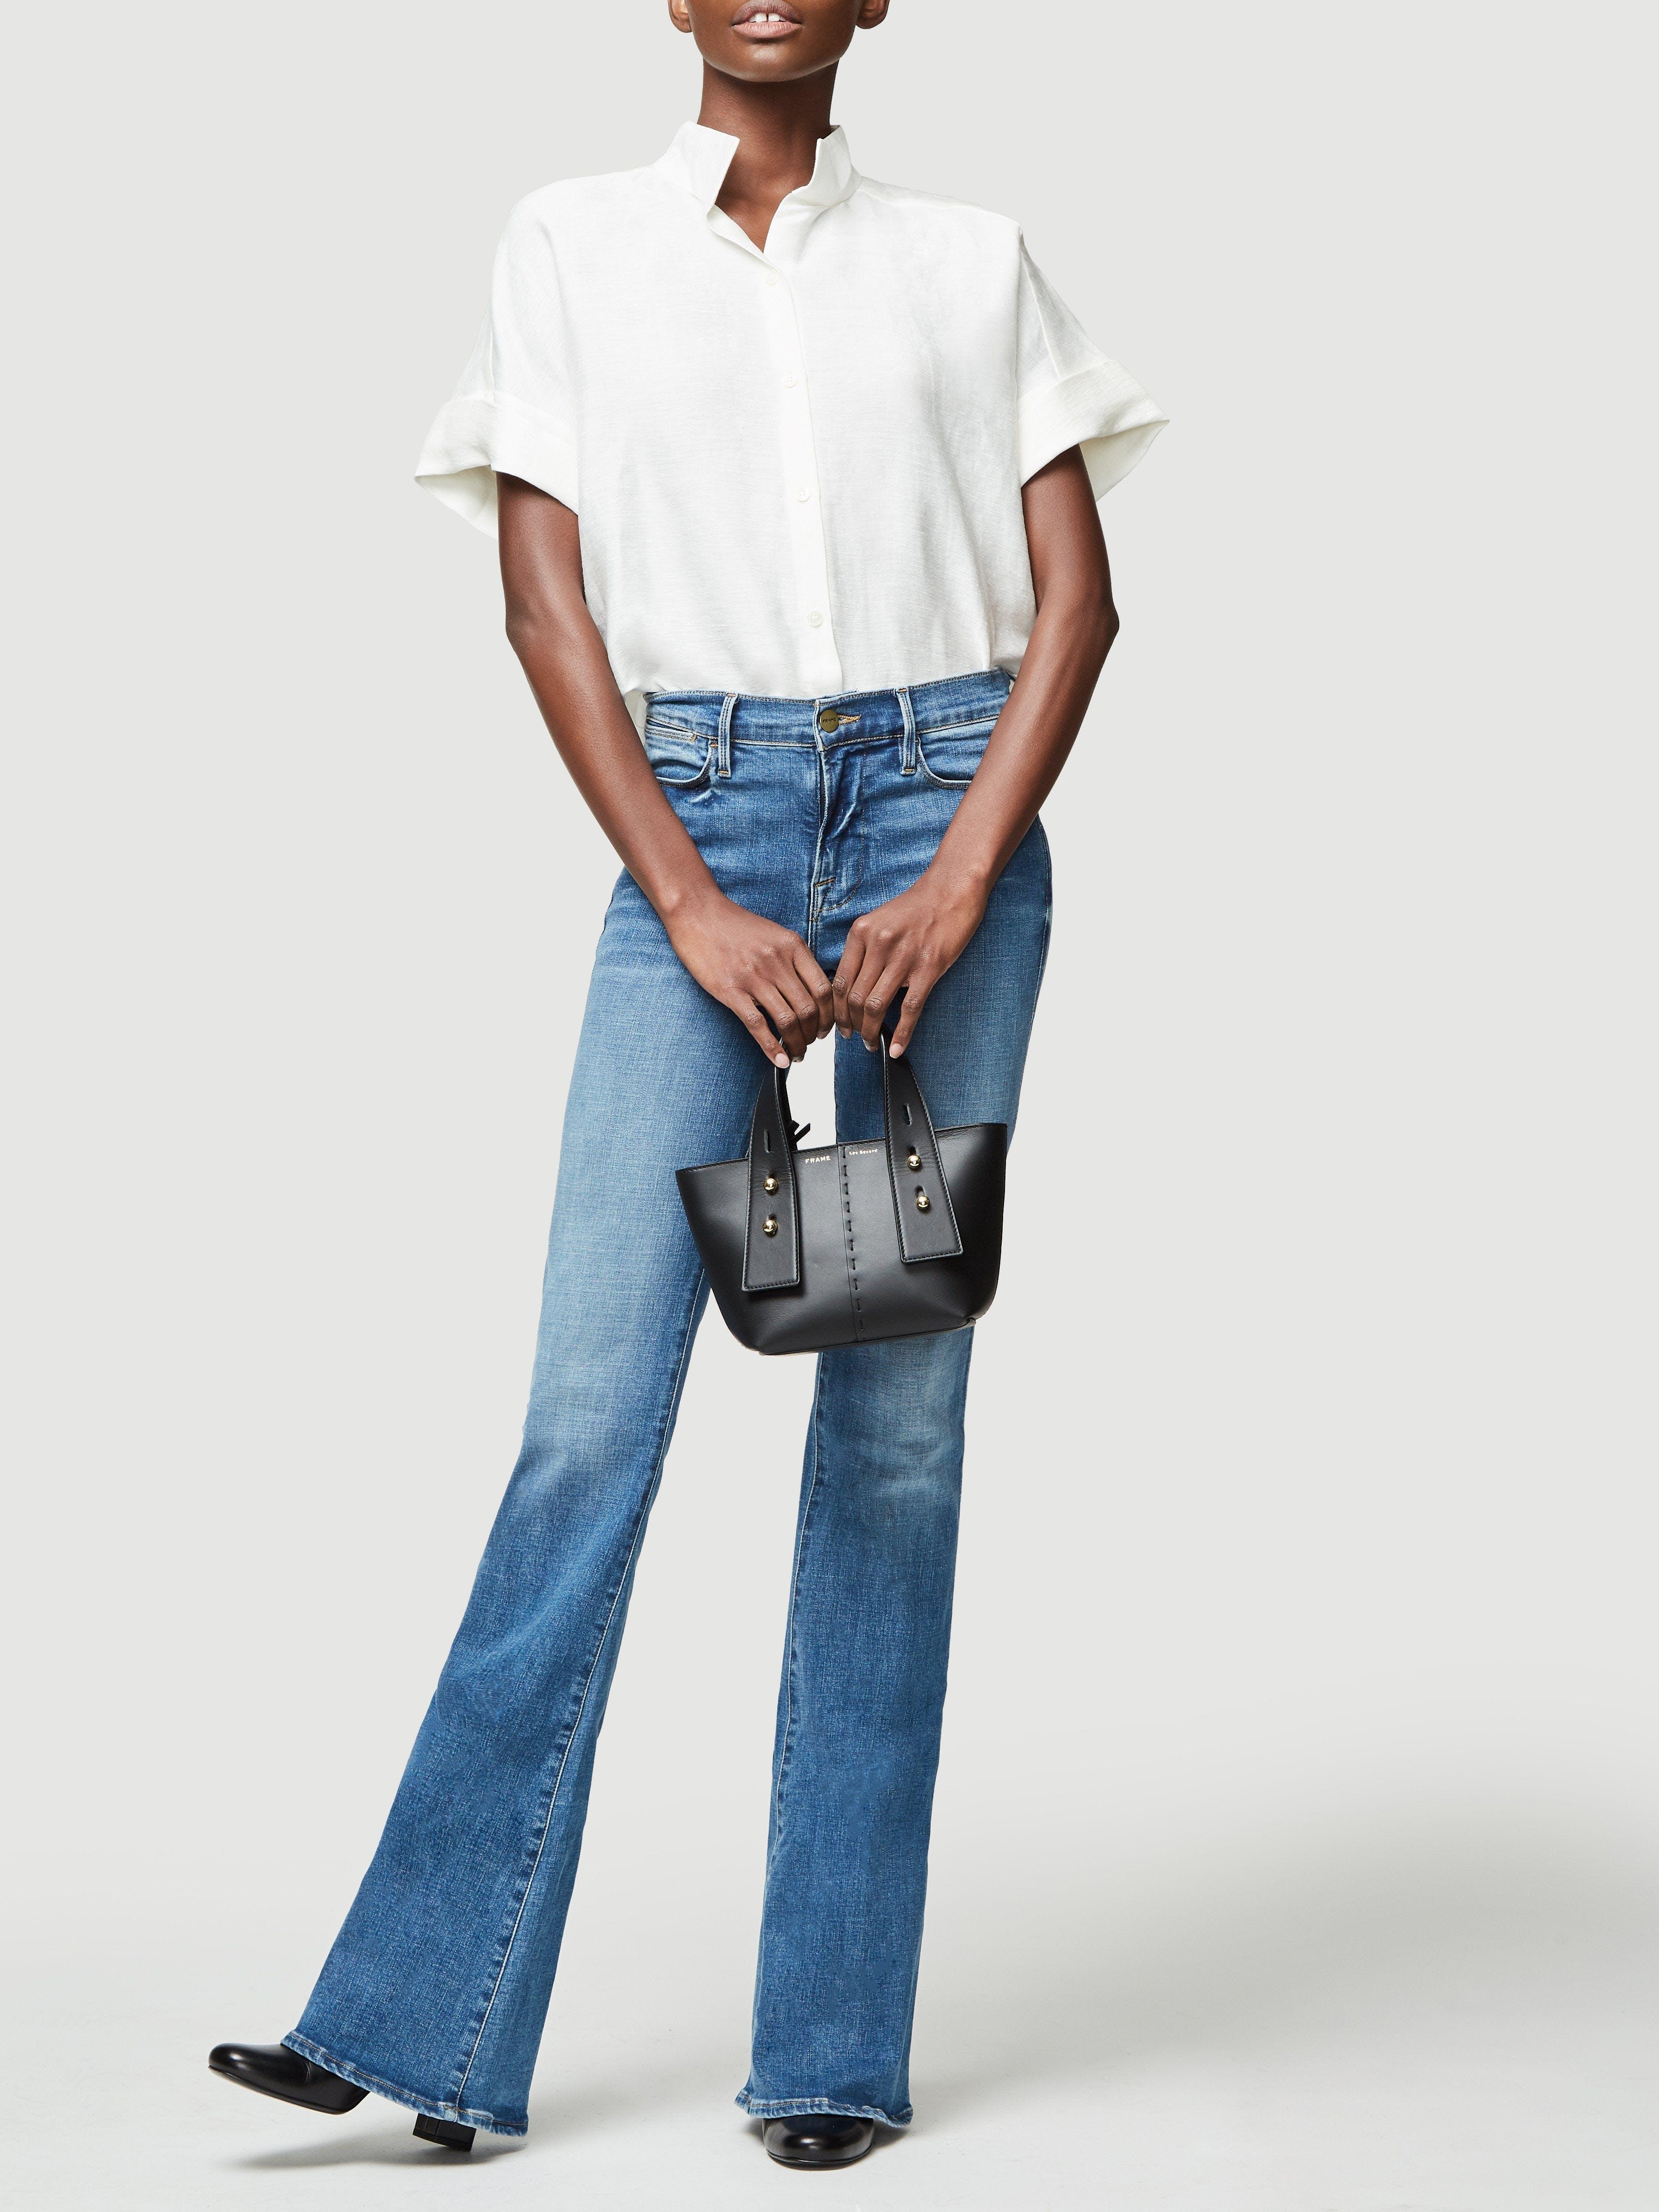 Handbag on model